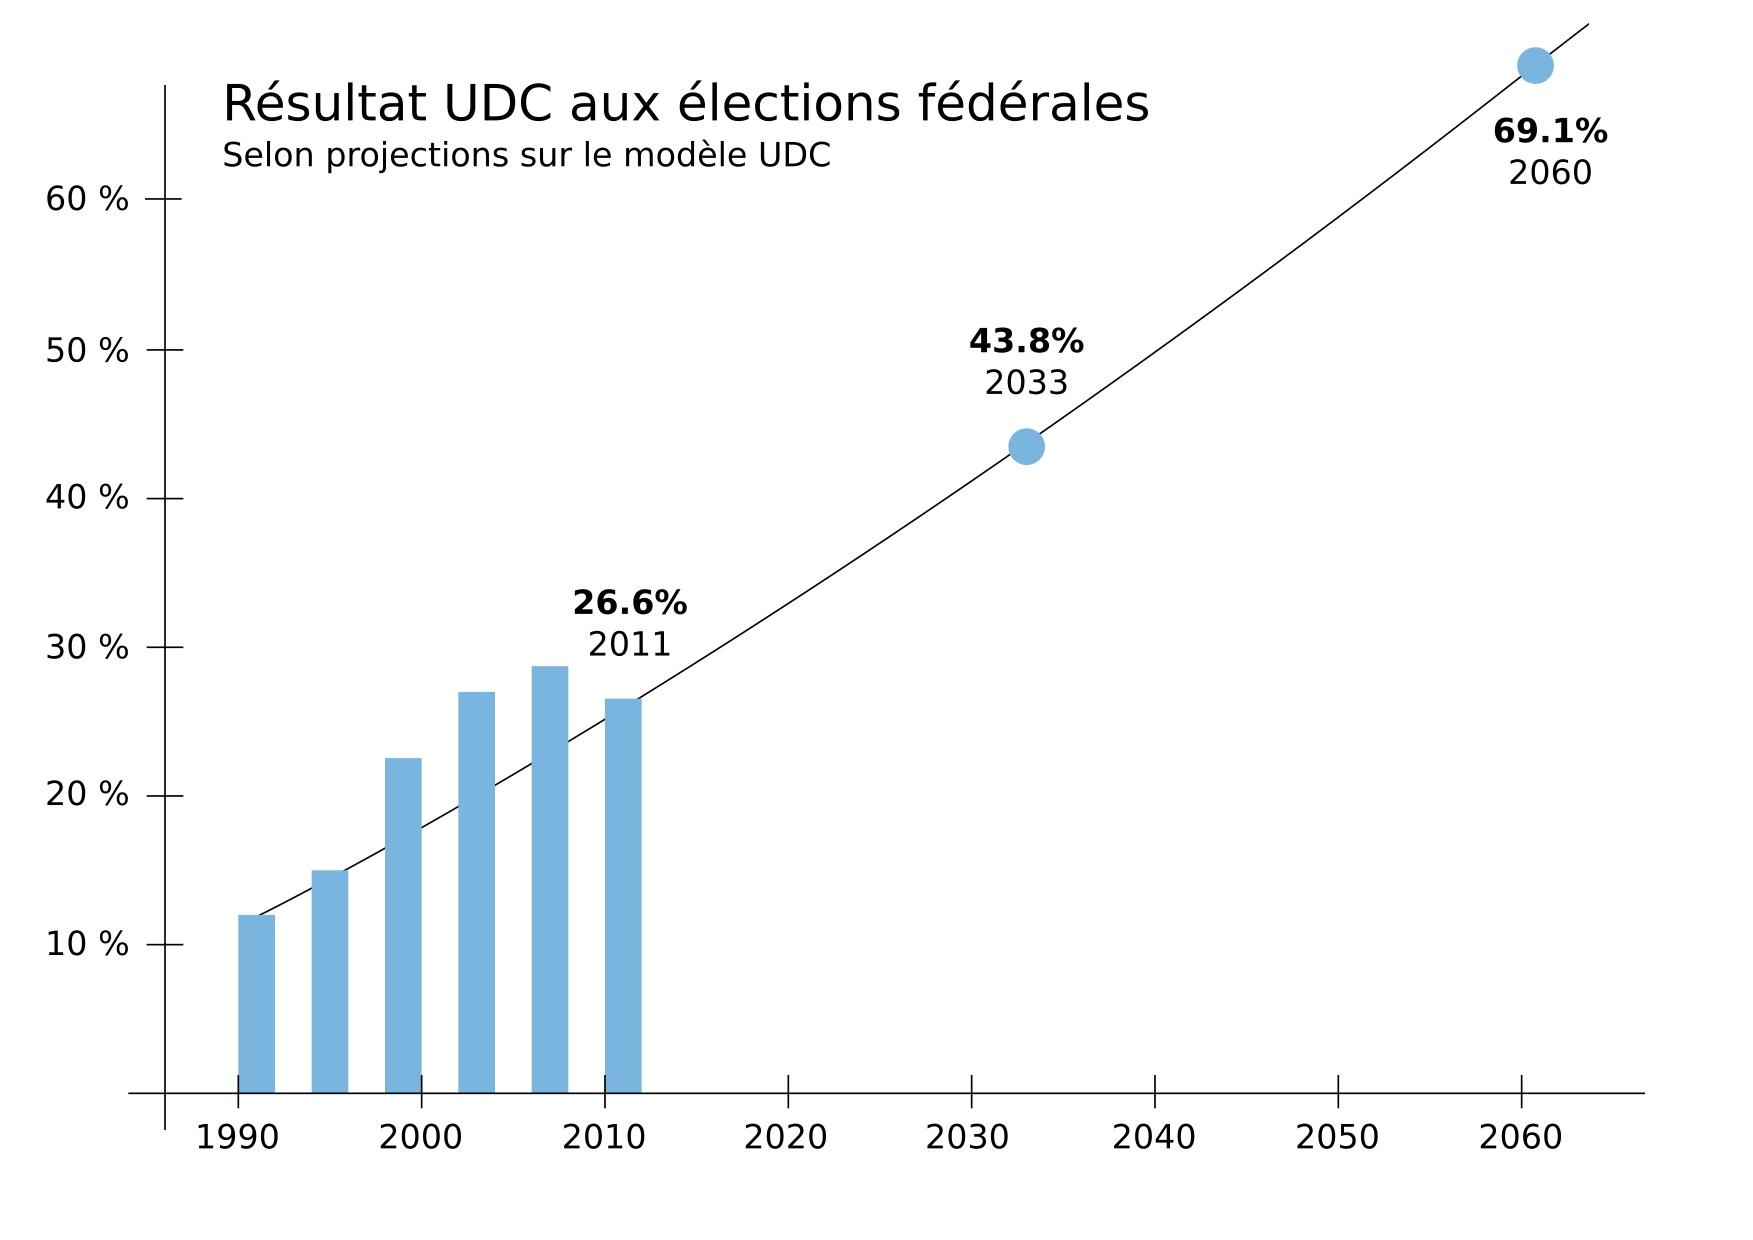 votantsUDC